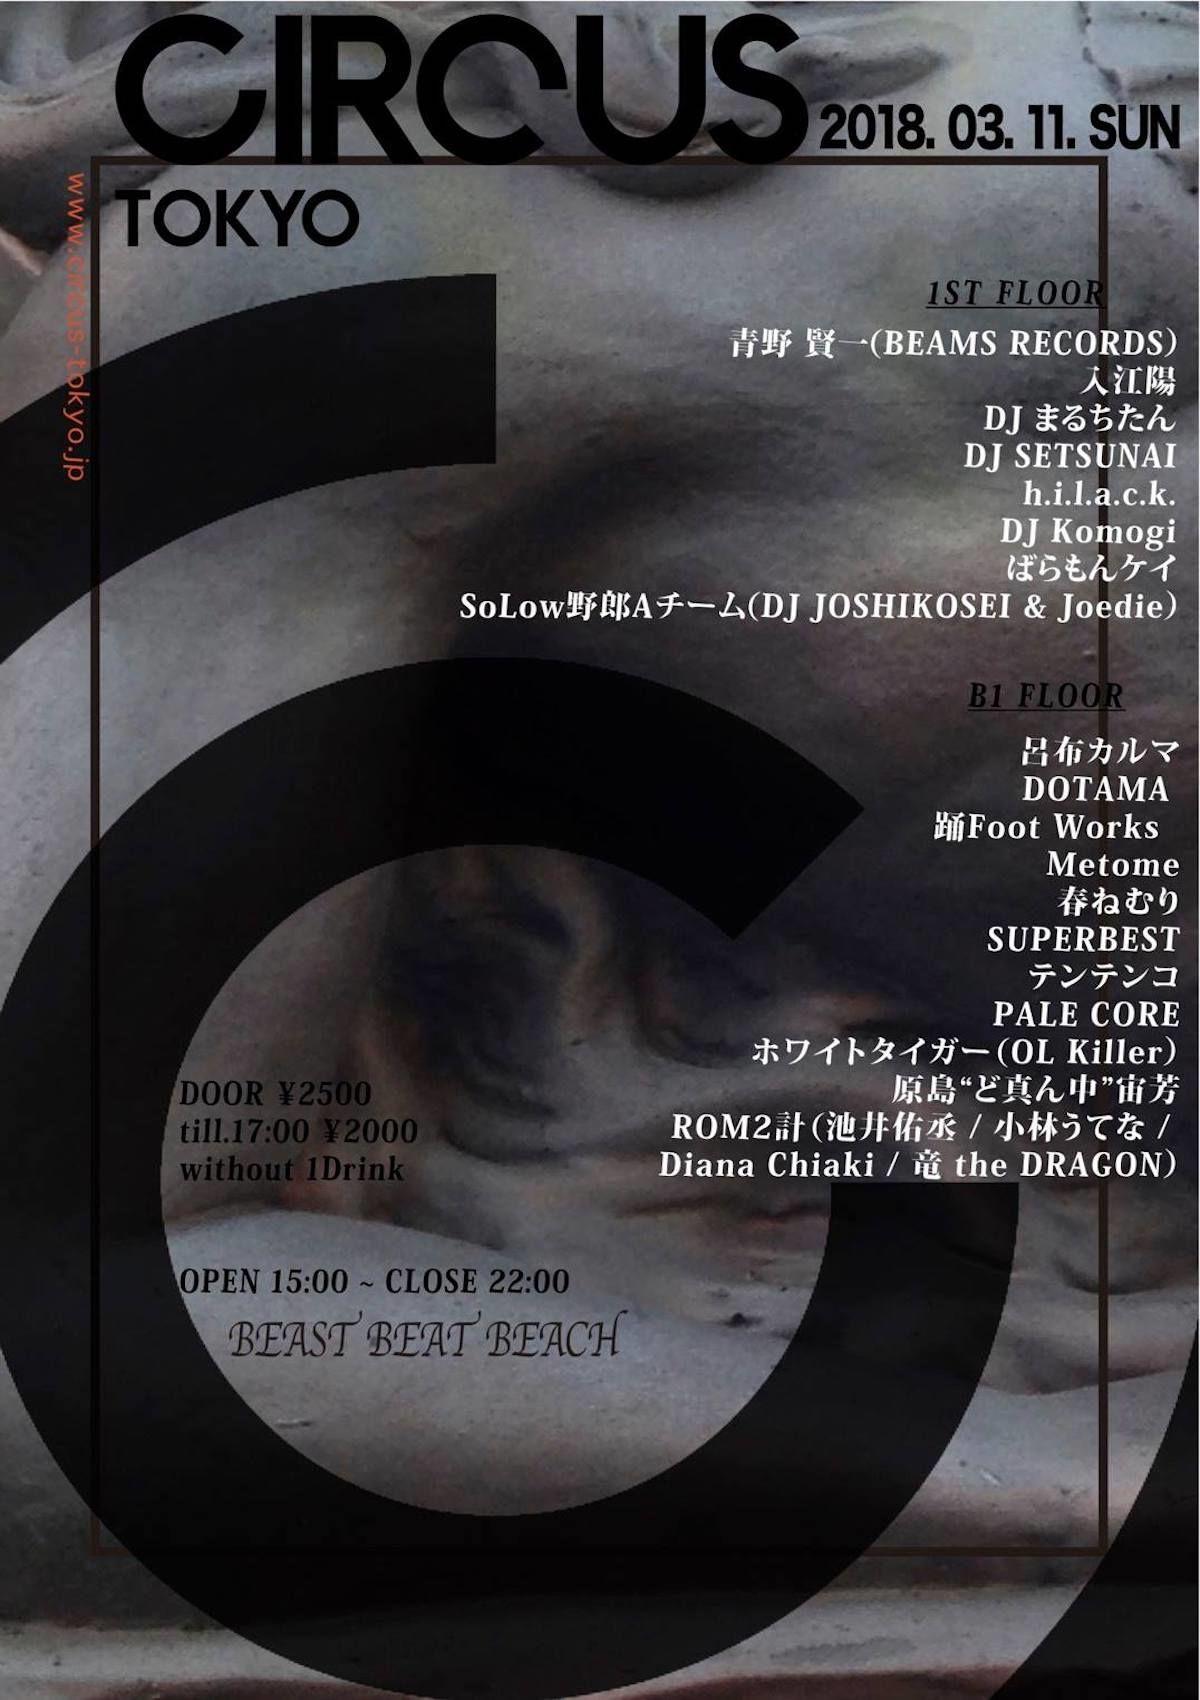 呂布カルマやDOTAMA、踊Foot Works、春ねむり、テンテンコ、小林うてな、謎ユニットROM2まで……!渋谷の地下でクセの強いサンデーアフター舞踏会が開催! music180308-beast-beat-beach-2-1200x1700